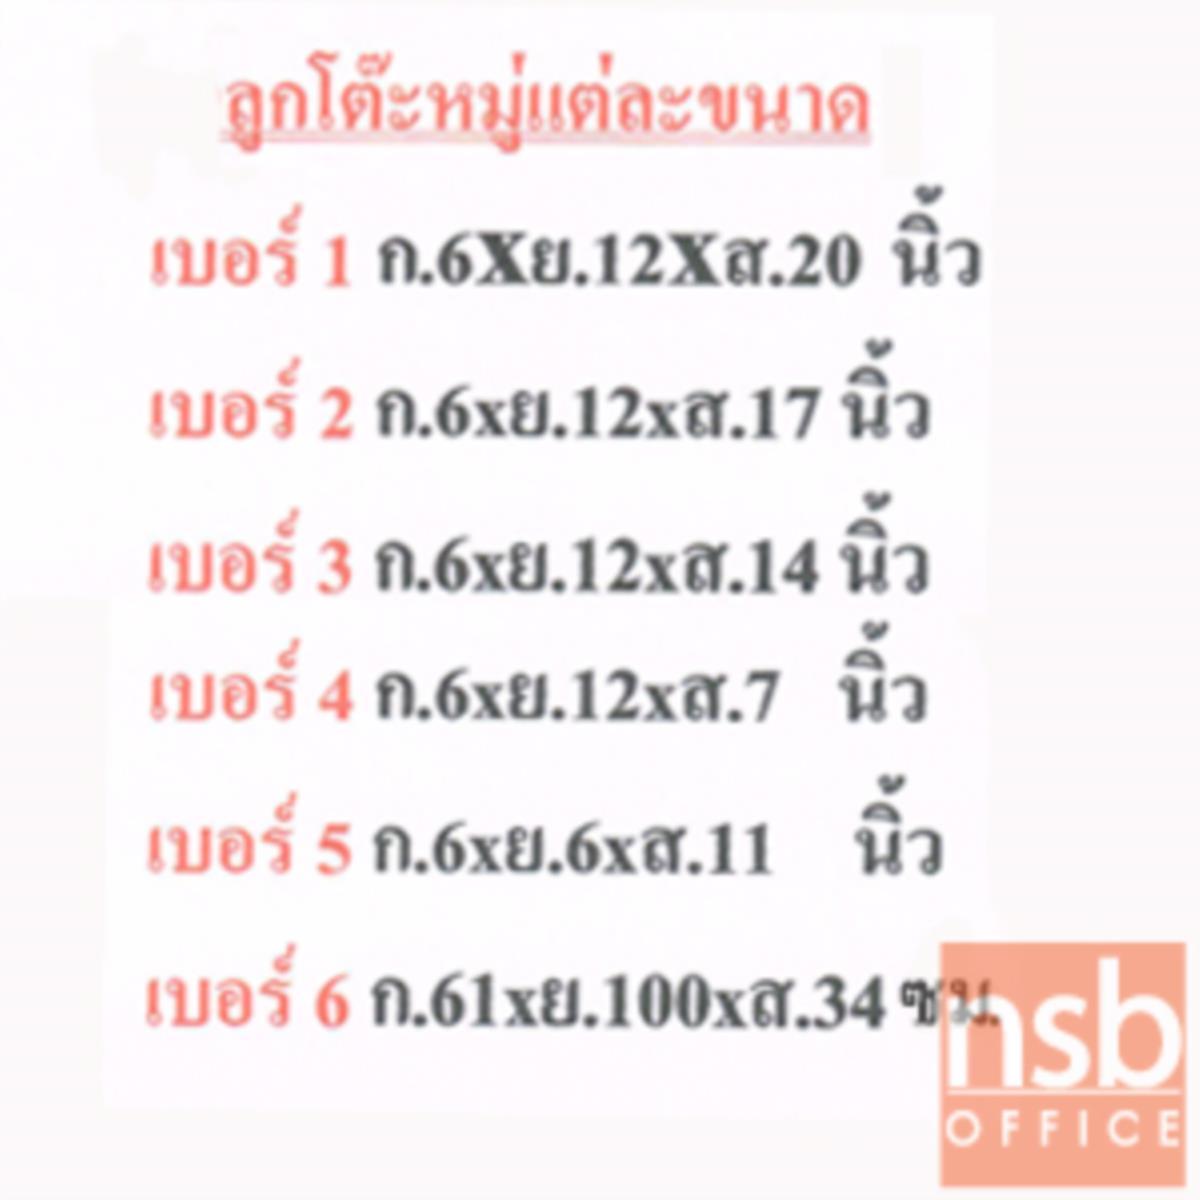 โต๊ะหมู่บูชาหมู่ 5 หน้า 6 นิ้ว รุ่น NT-1005